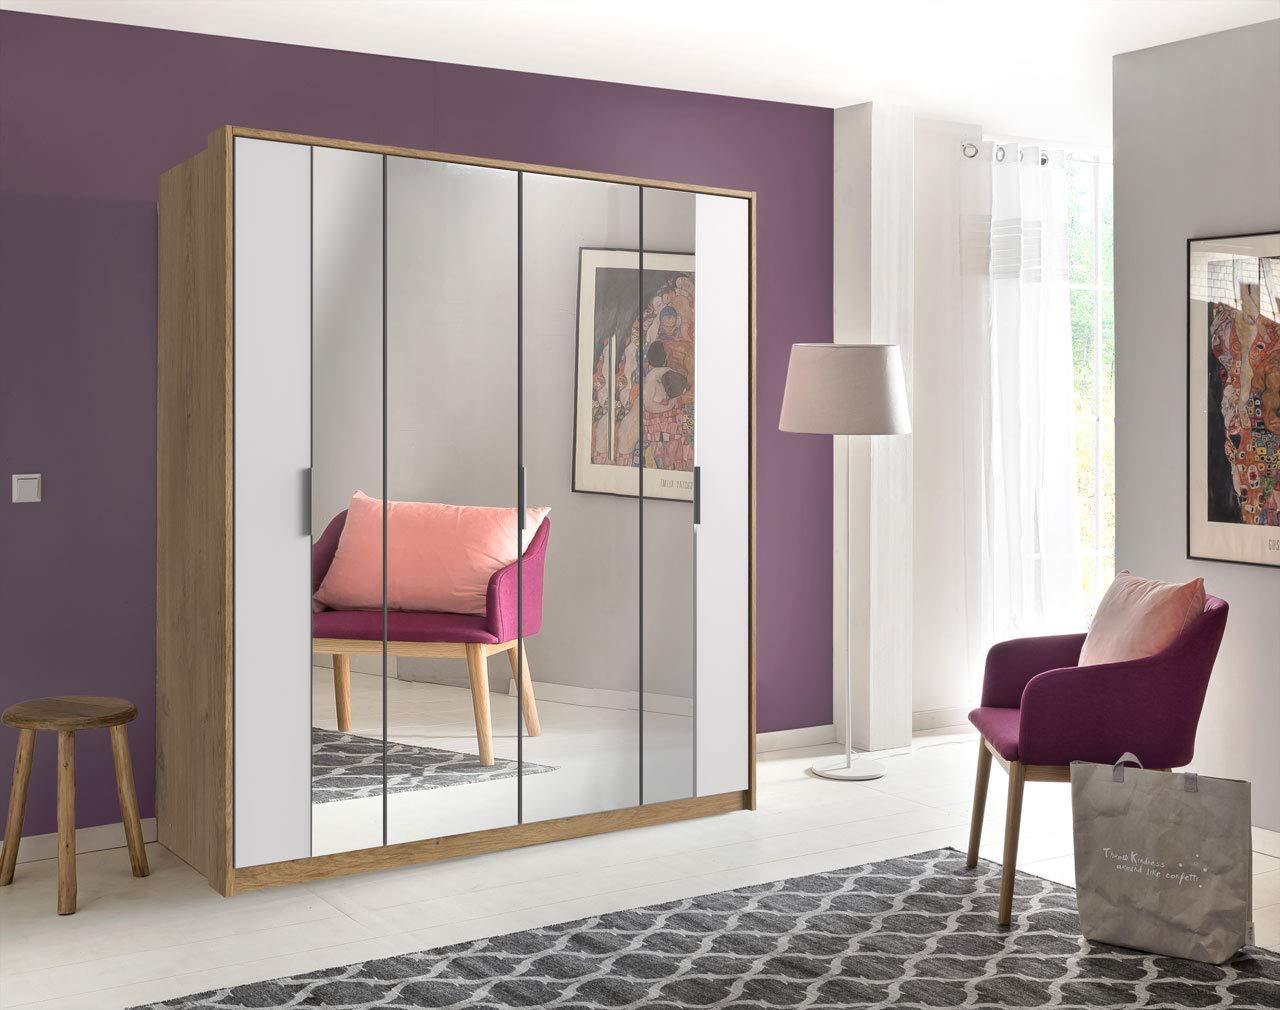 lifestyle4living Kleiderschrank in Plankeneiche-Nachbildung | Drehtürenschrank mit Absetzungen in weiß, 4-türig, Falttürenschrank mit Spiegeltür ca. 183 cm